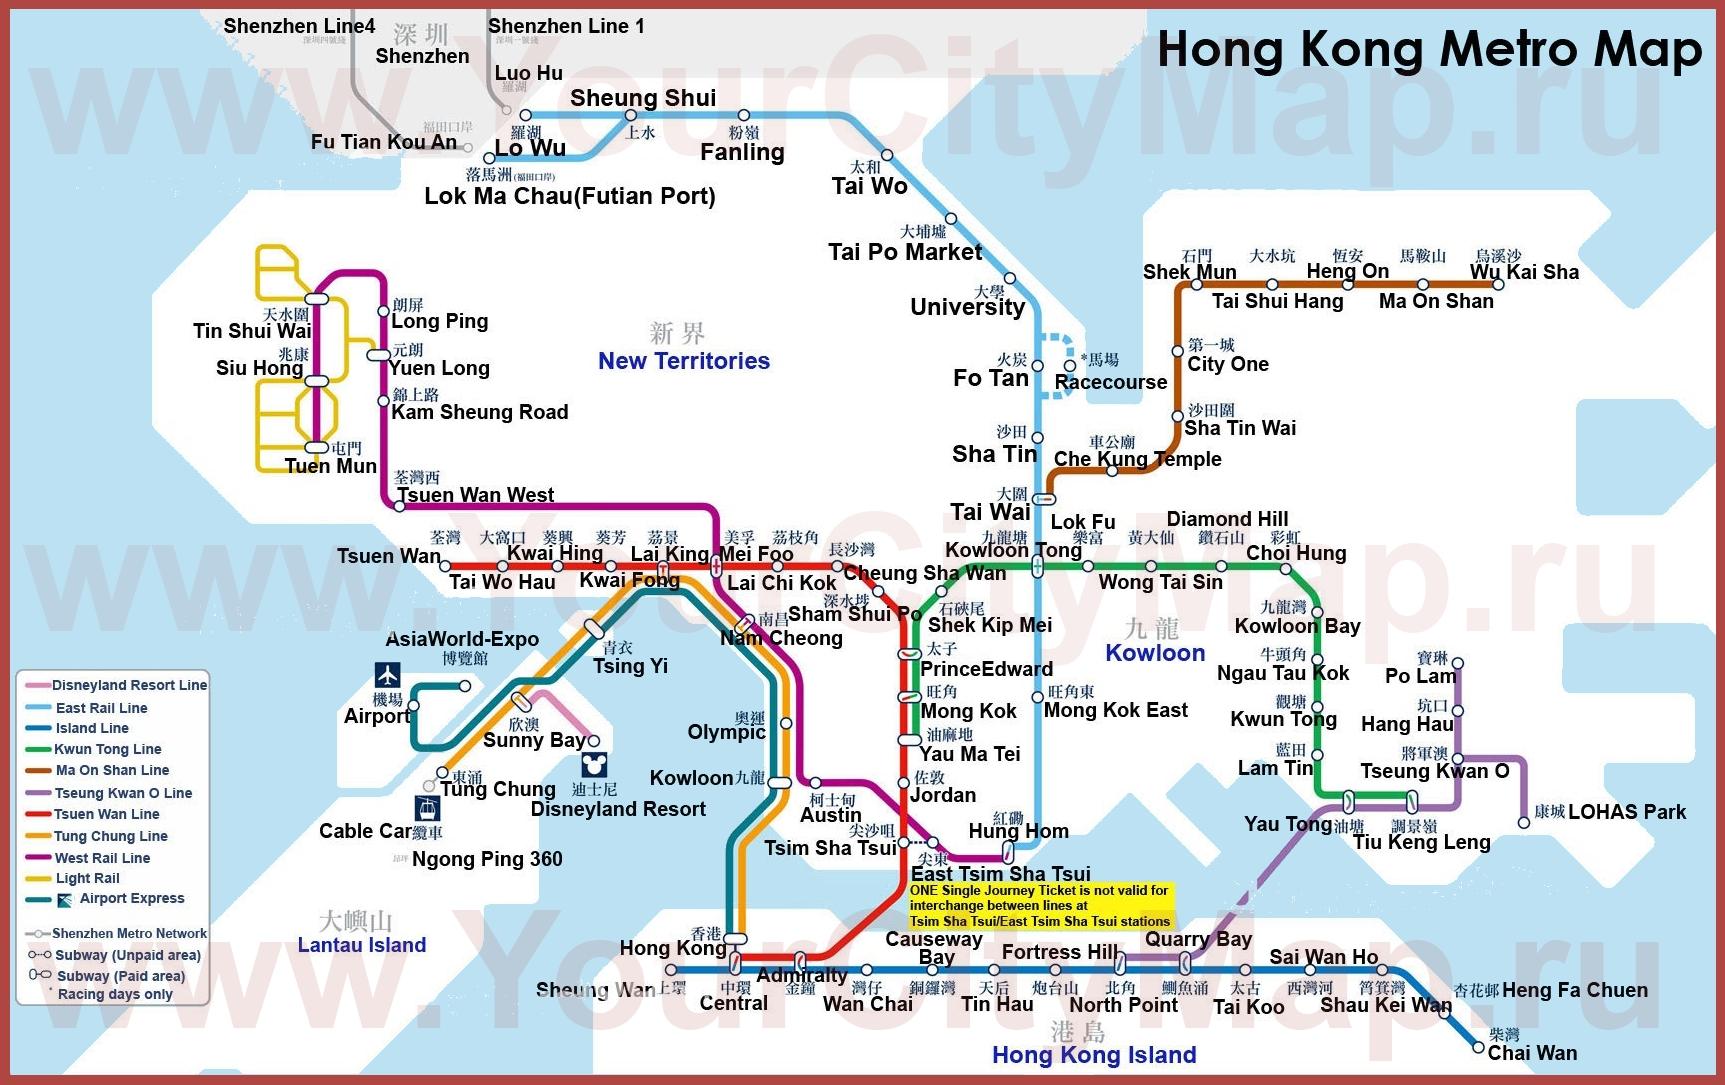 схема метрополитена гонконга